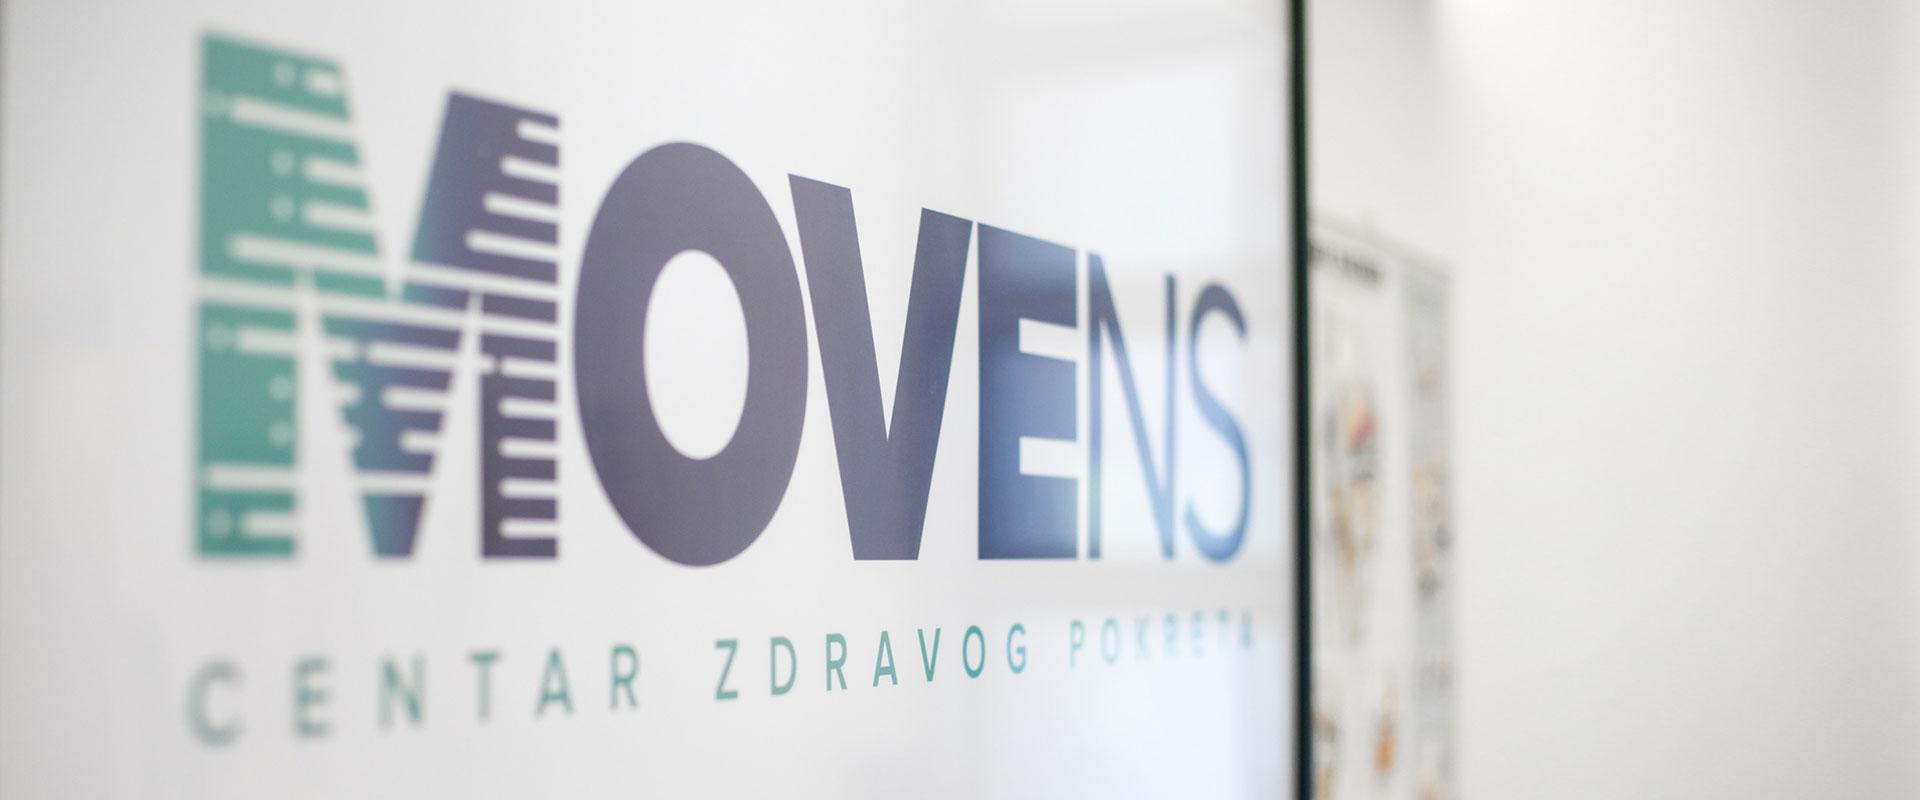 MOVENS - Centar zdravog pokreta